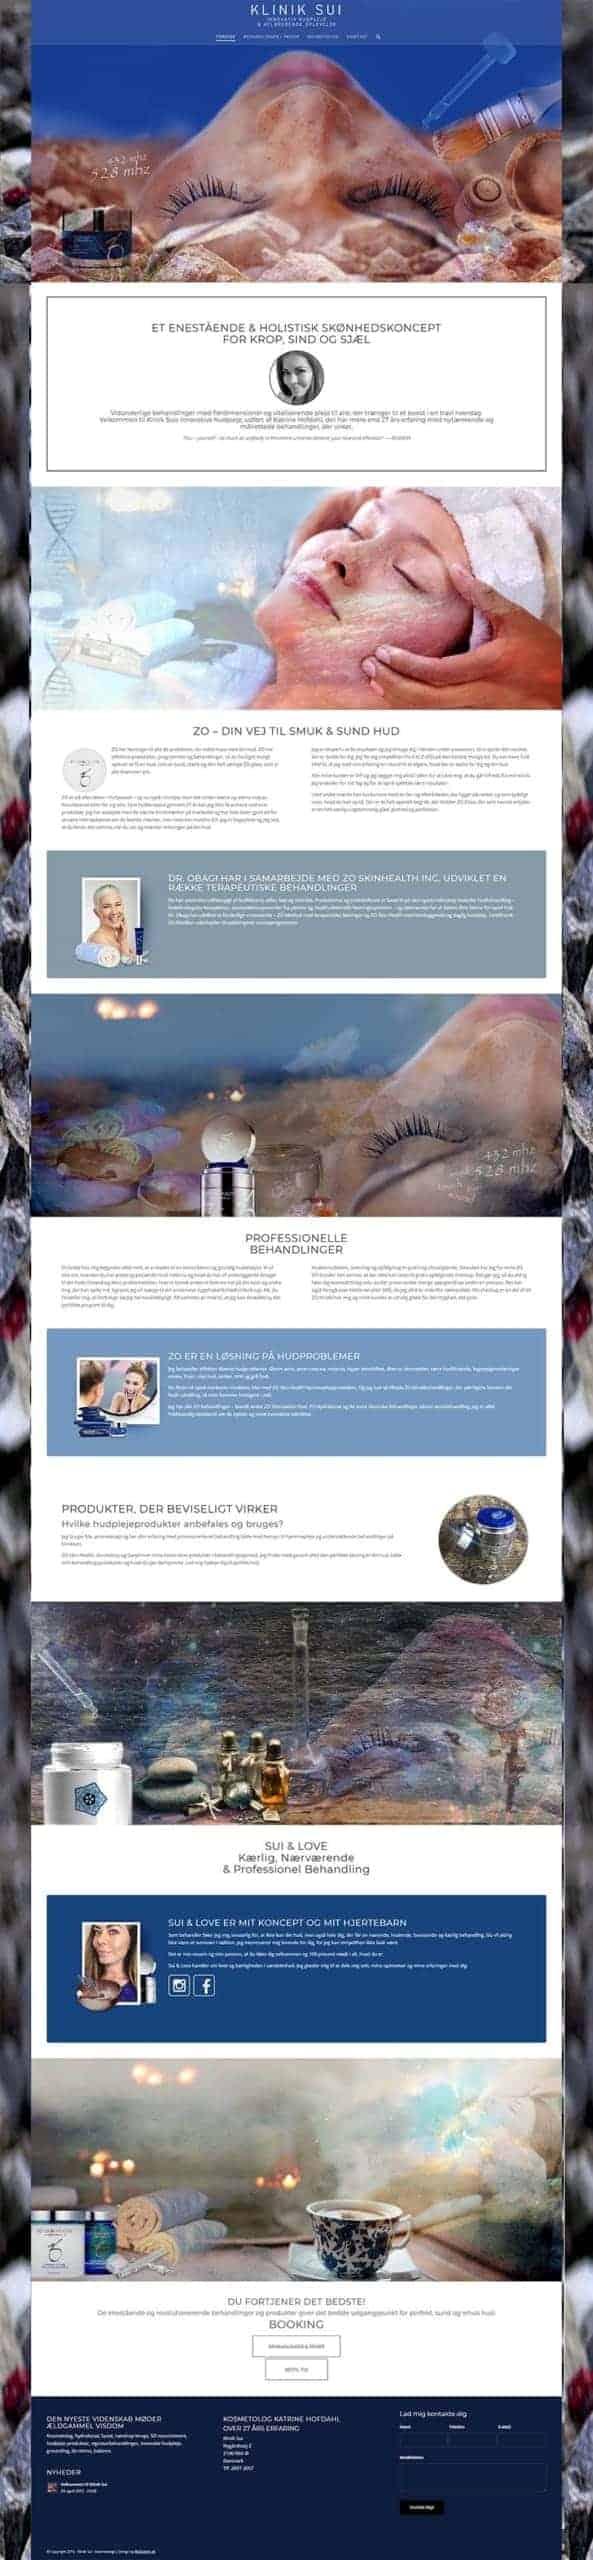 Hjemmeside re-brand